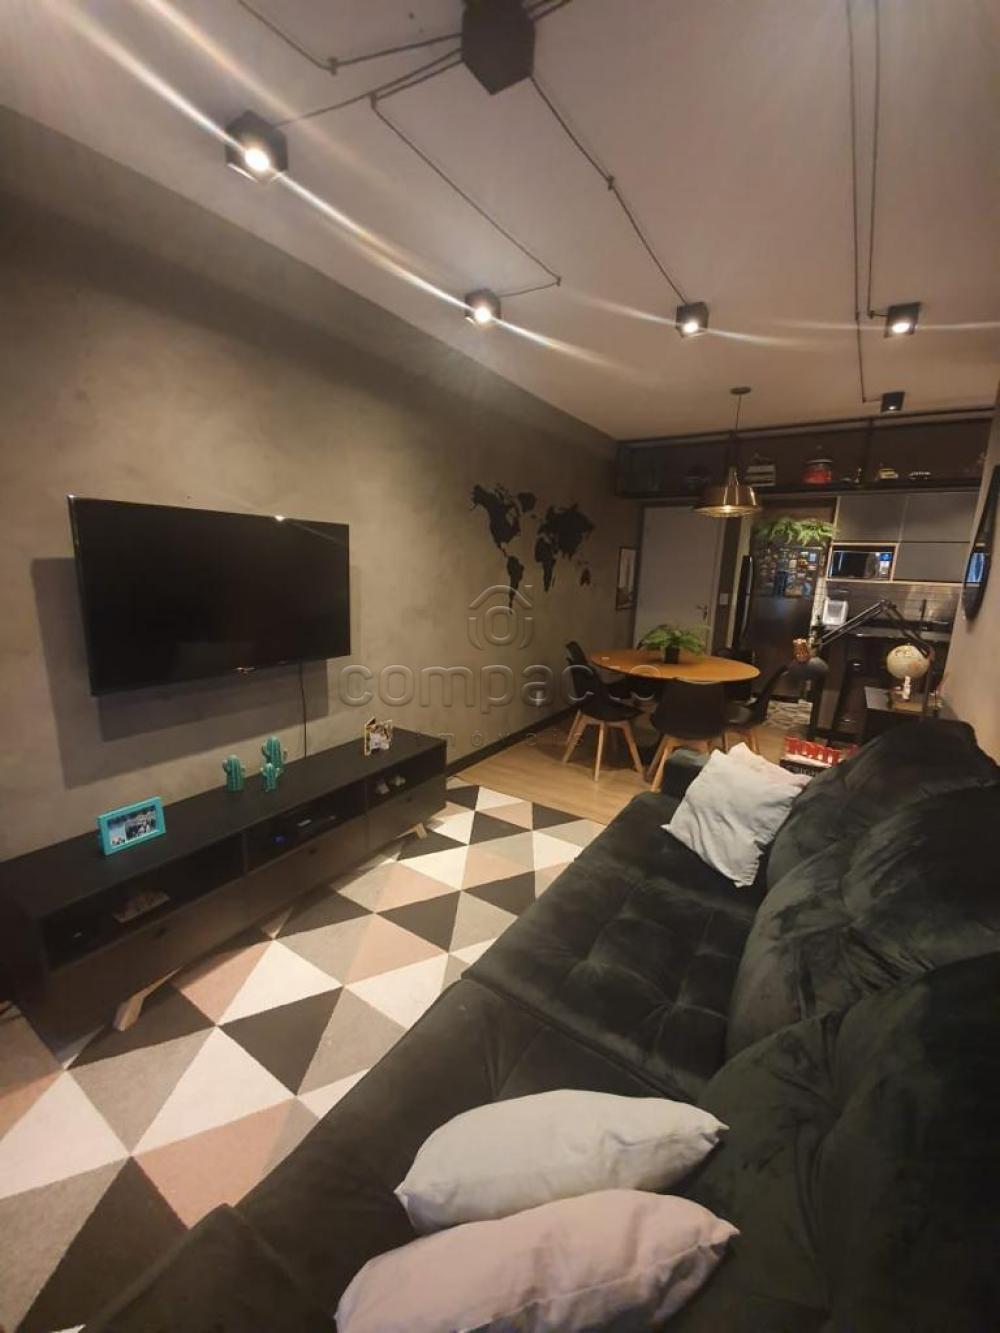 Comprar Apartamento / Padrão em São José do Rio Preto apenas R$ 635.000,00 - Foto 2